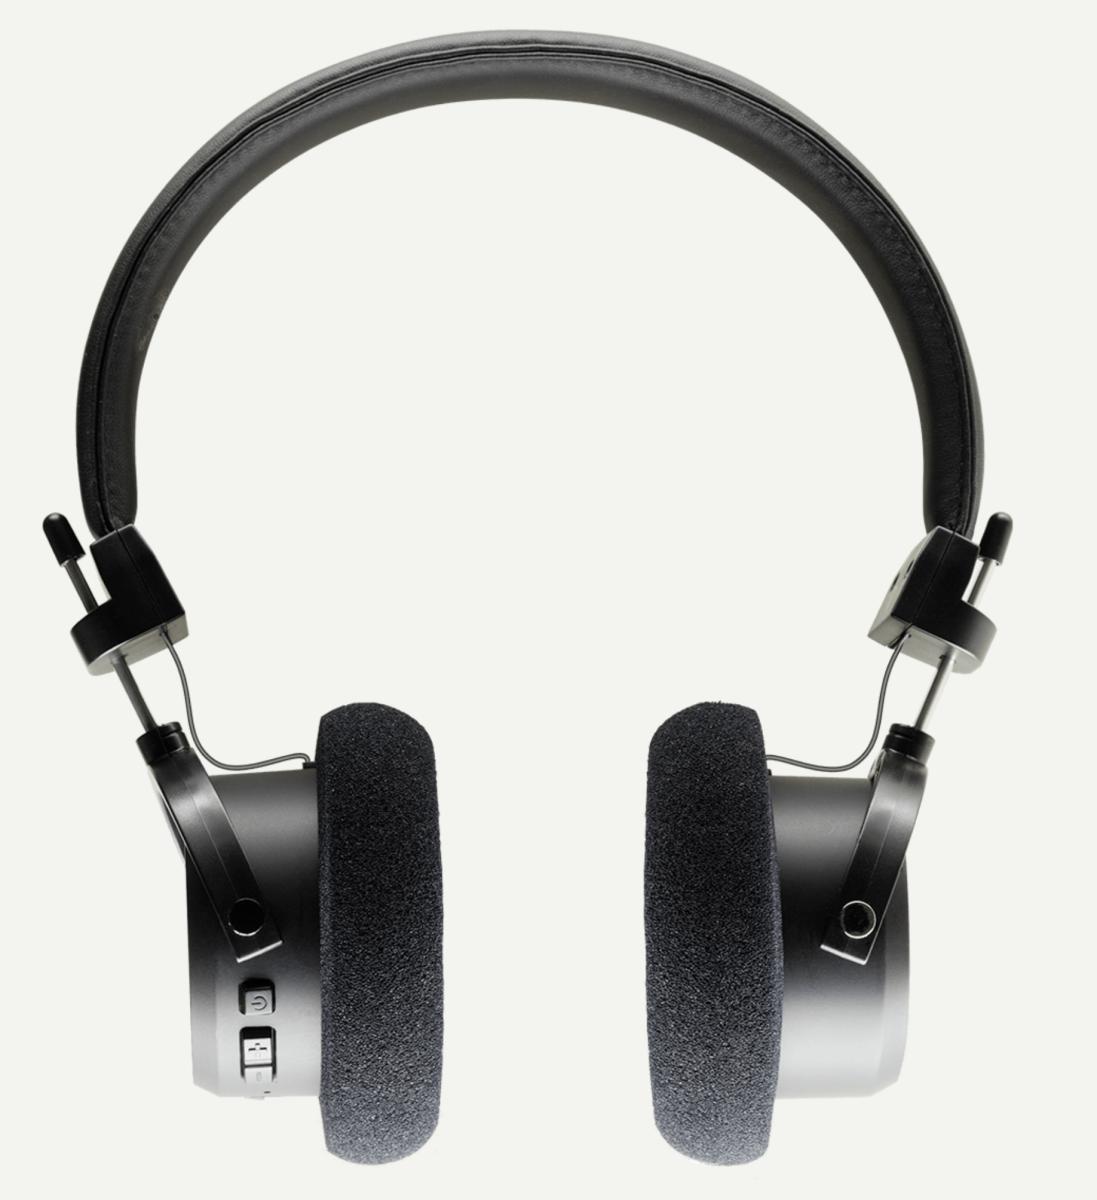 Grado Labs GW100 Open-Back Wireless Headphone